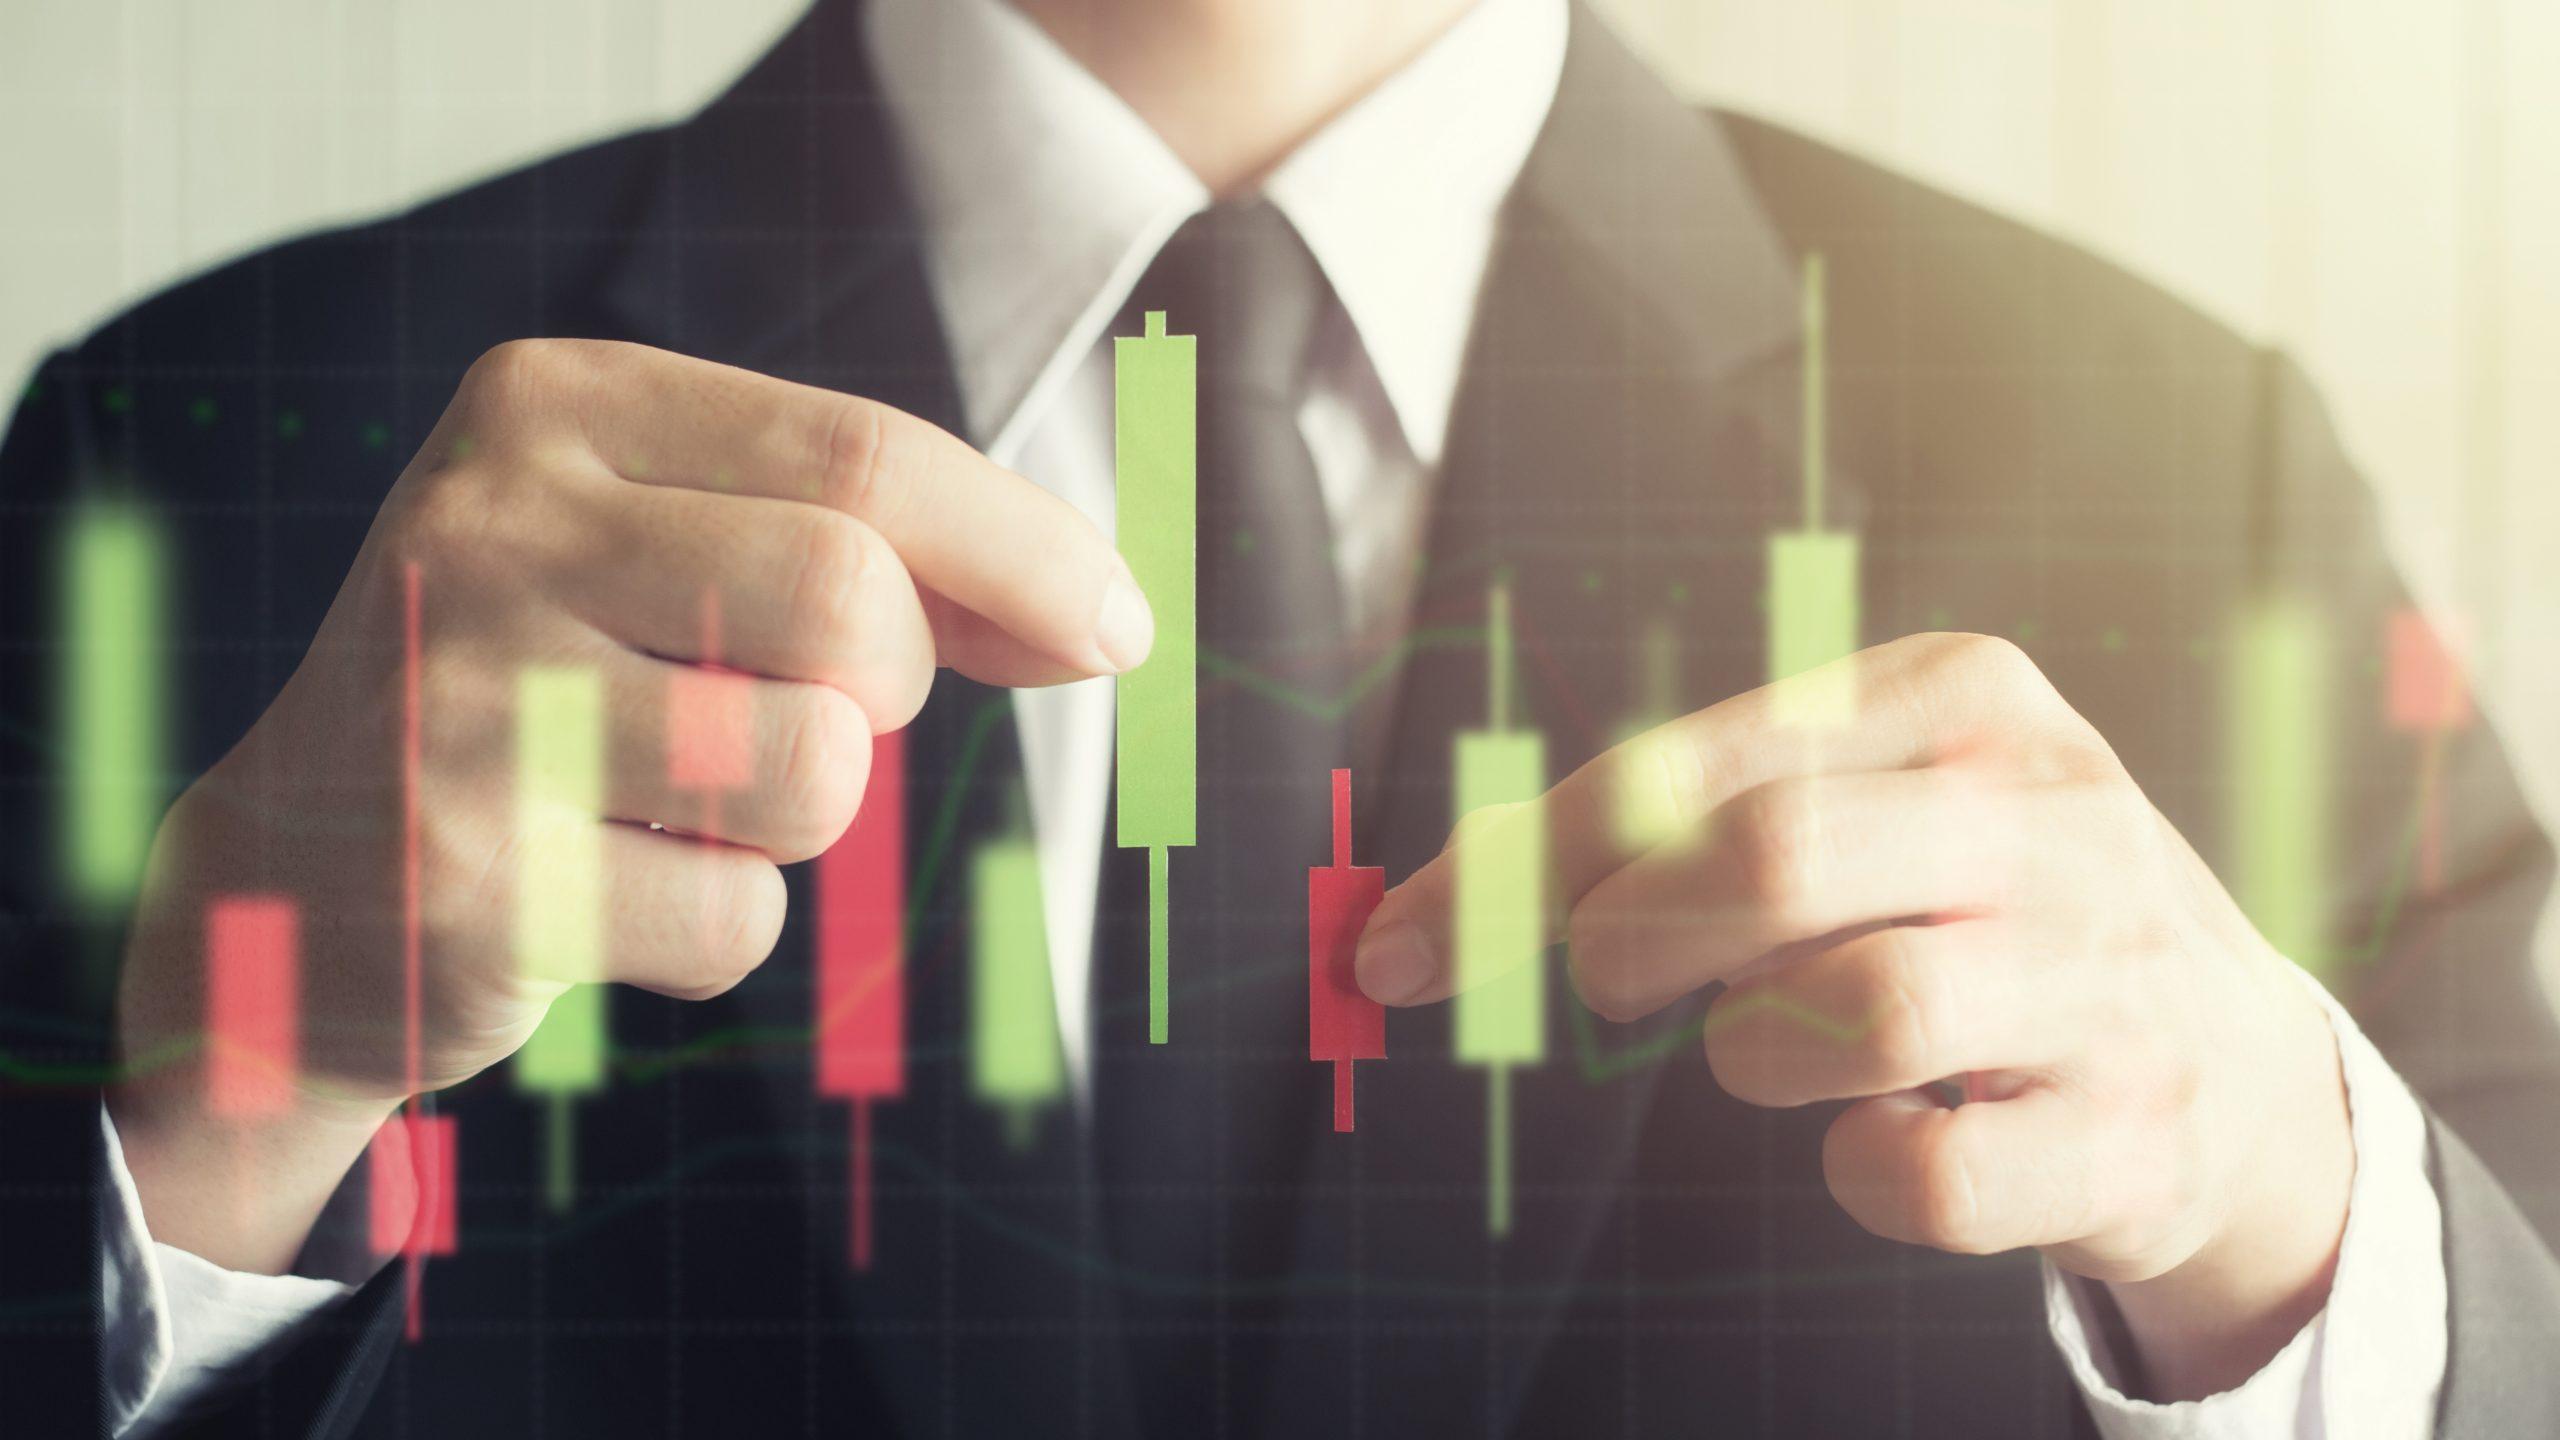 bitcoin btc fiyat analizi yeni bir yukselis baslatabilir onemli seviyeler neler 2